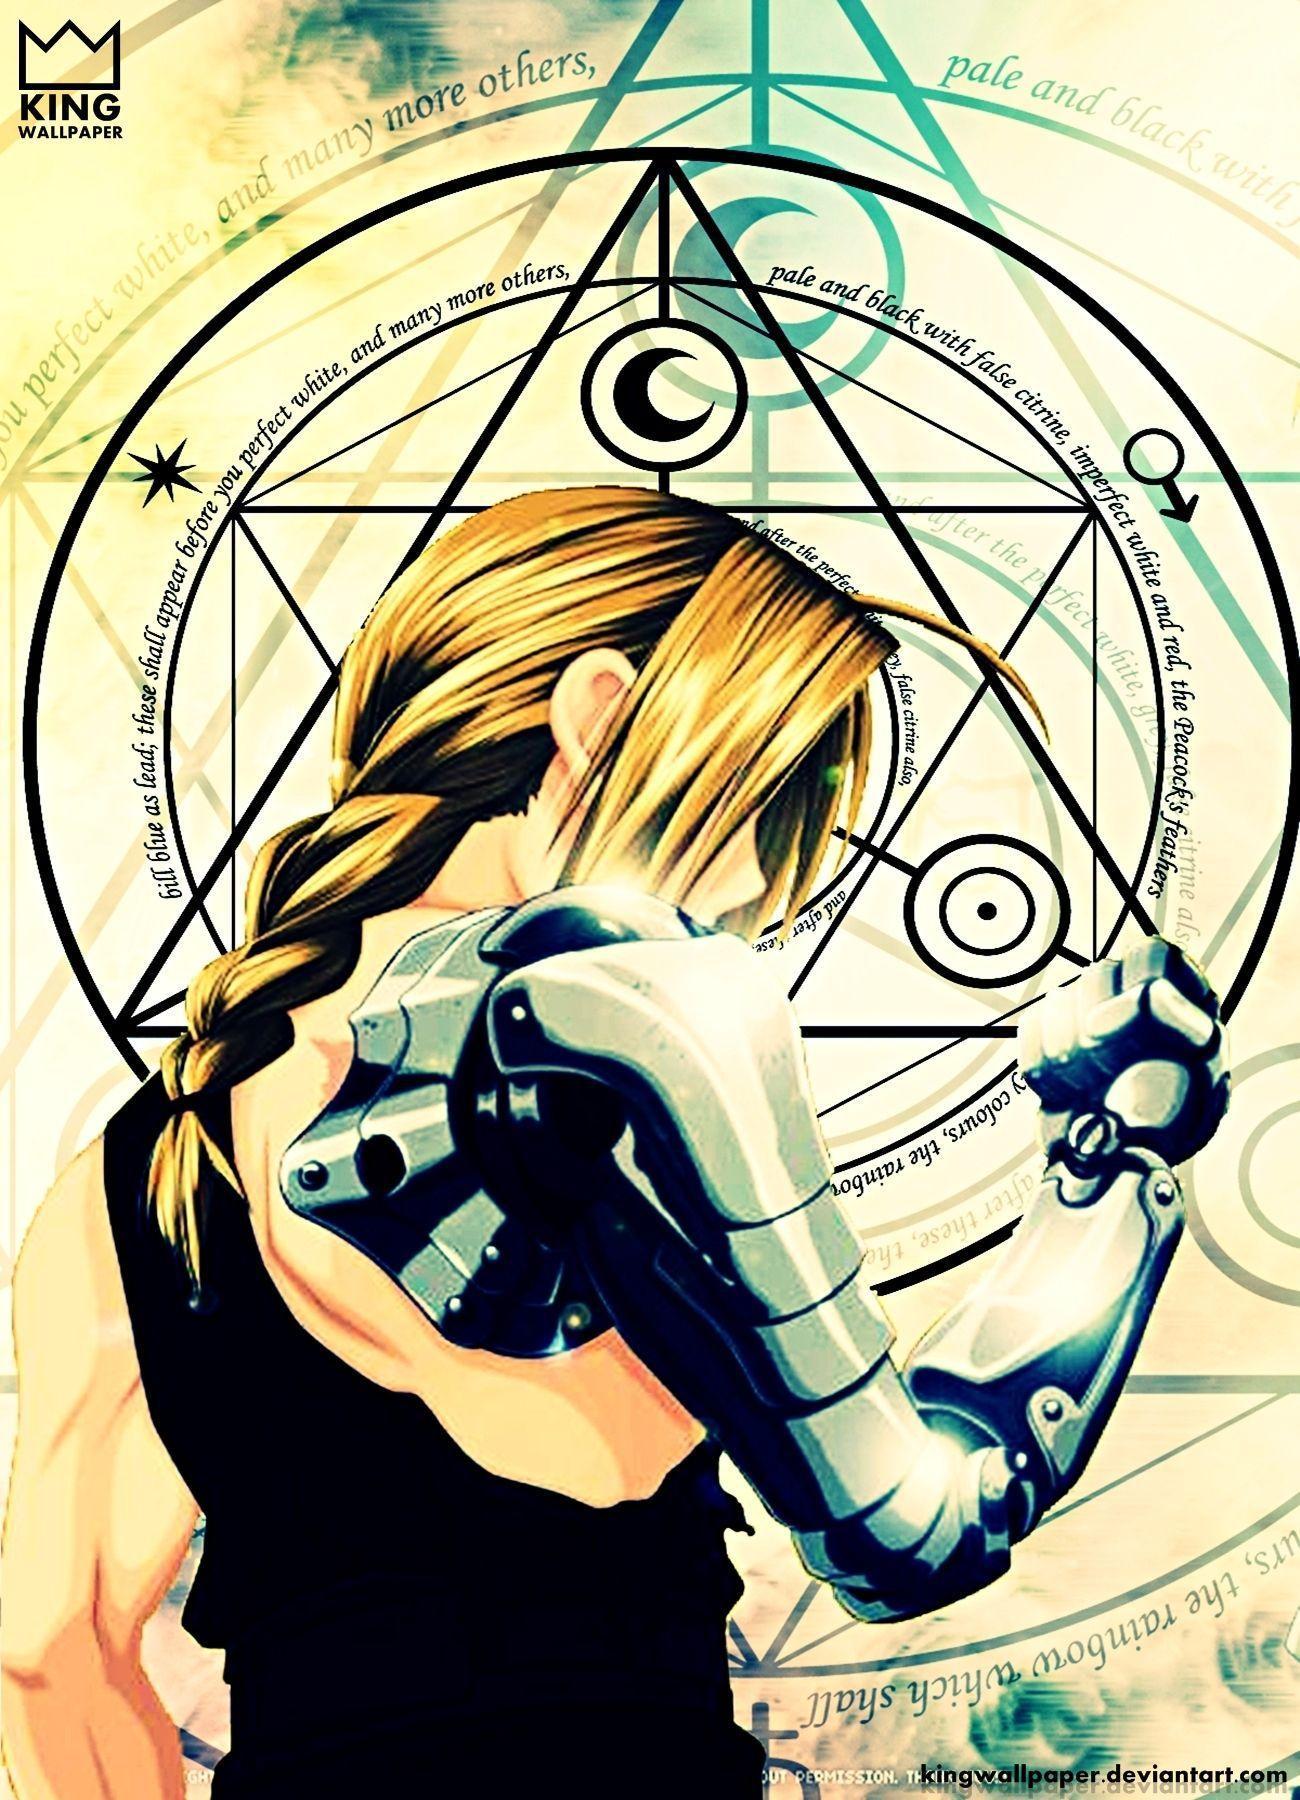 Fullmetal Alchemist Wallpapers Top Free Fullmetal